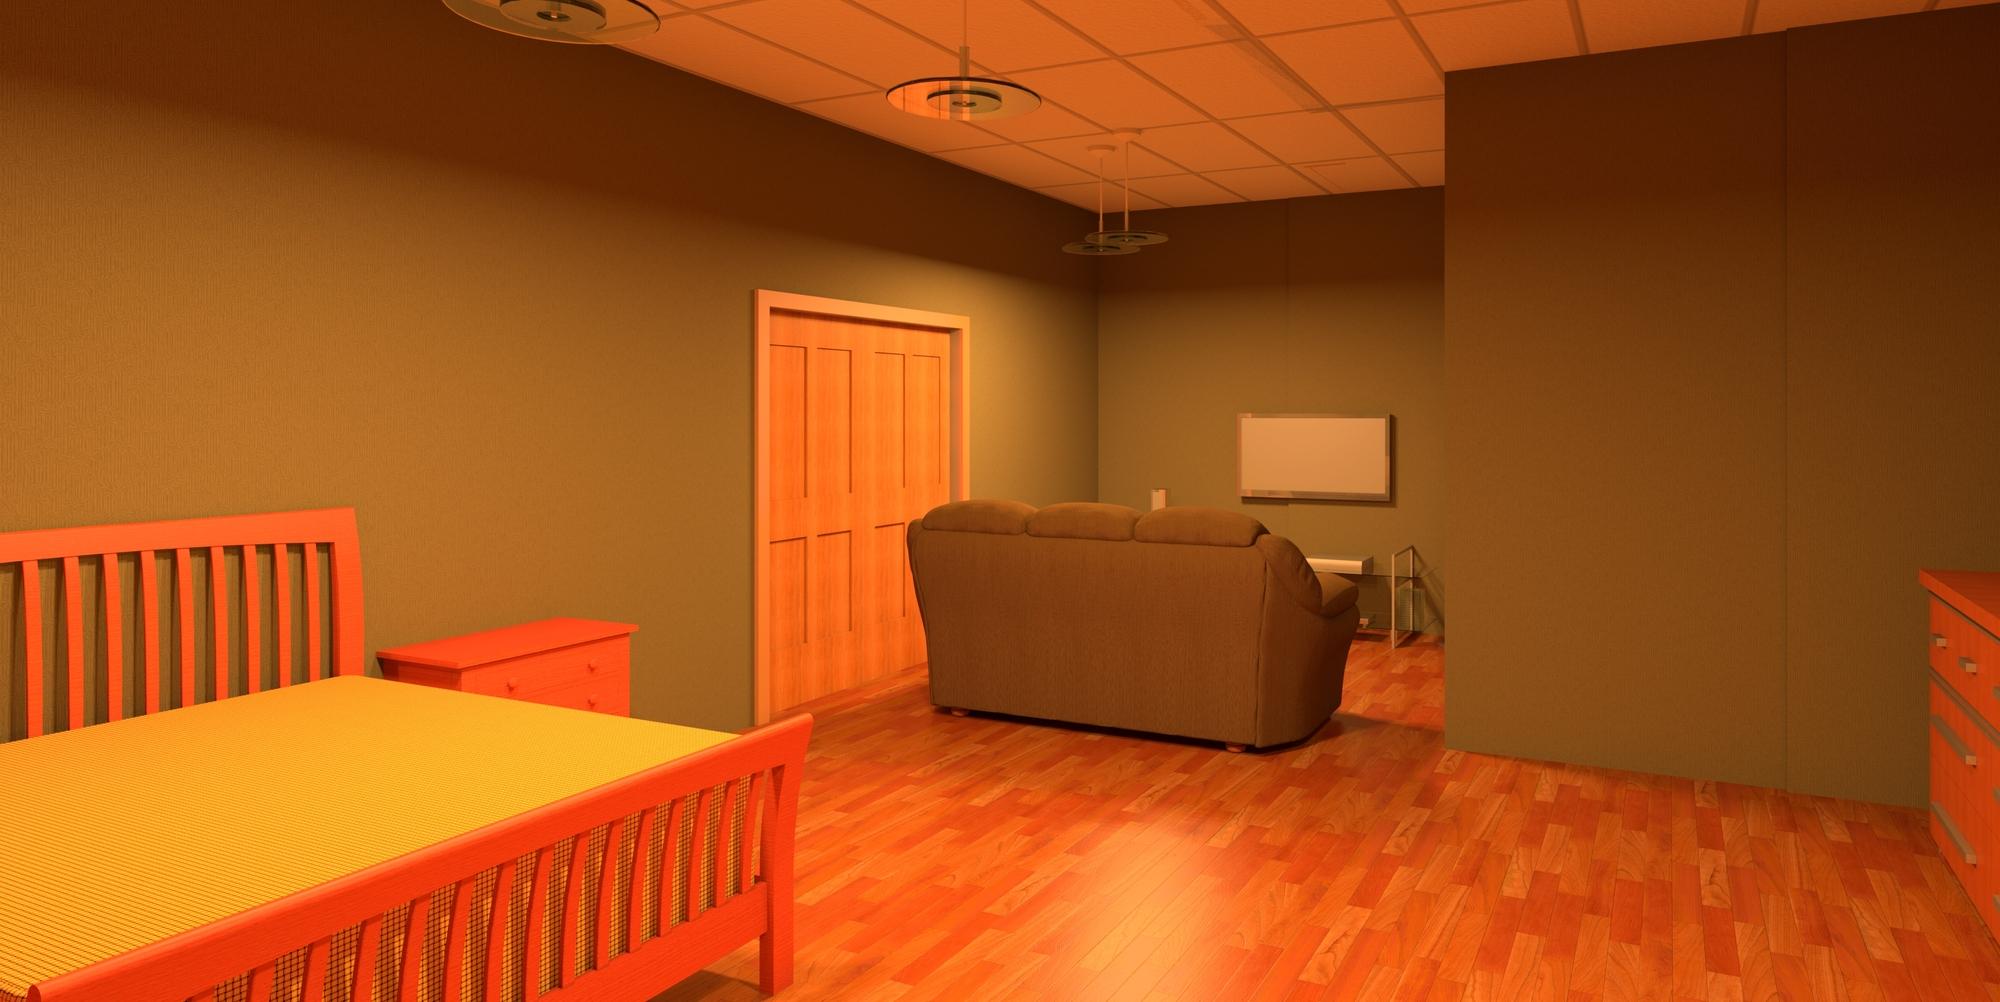 Raas-rendering20140930-6305-1yh6rhn